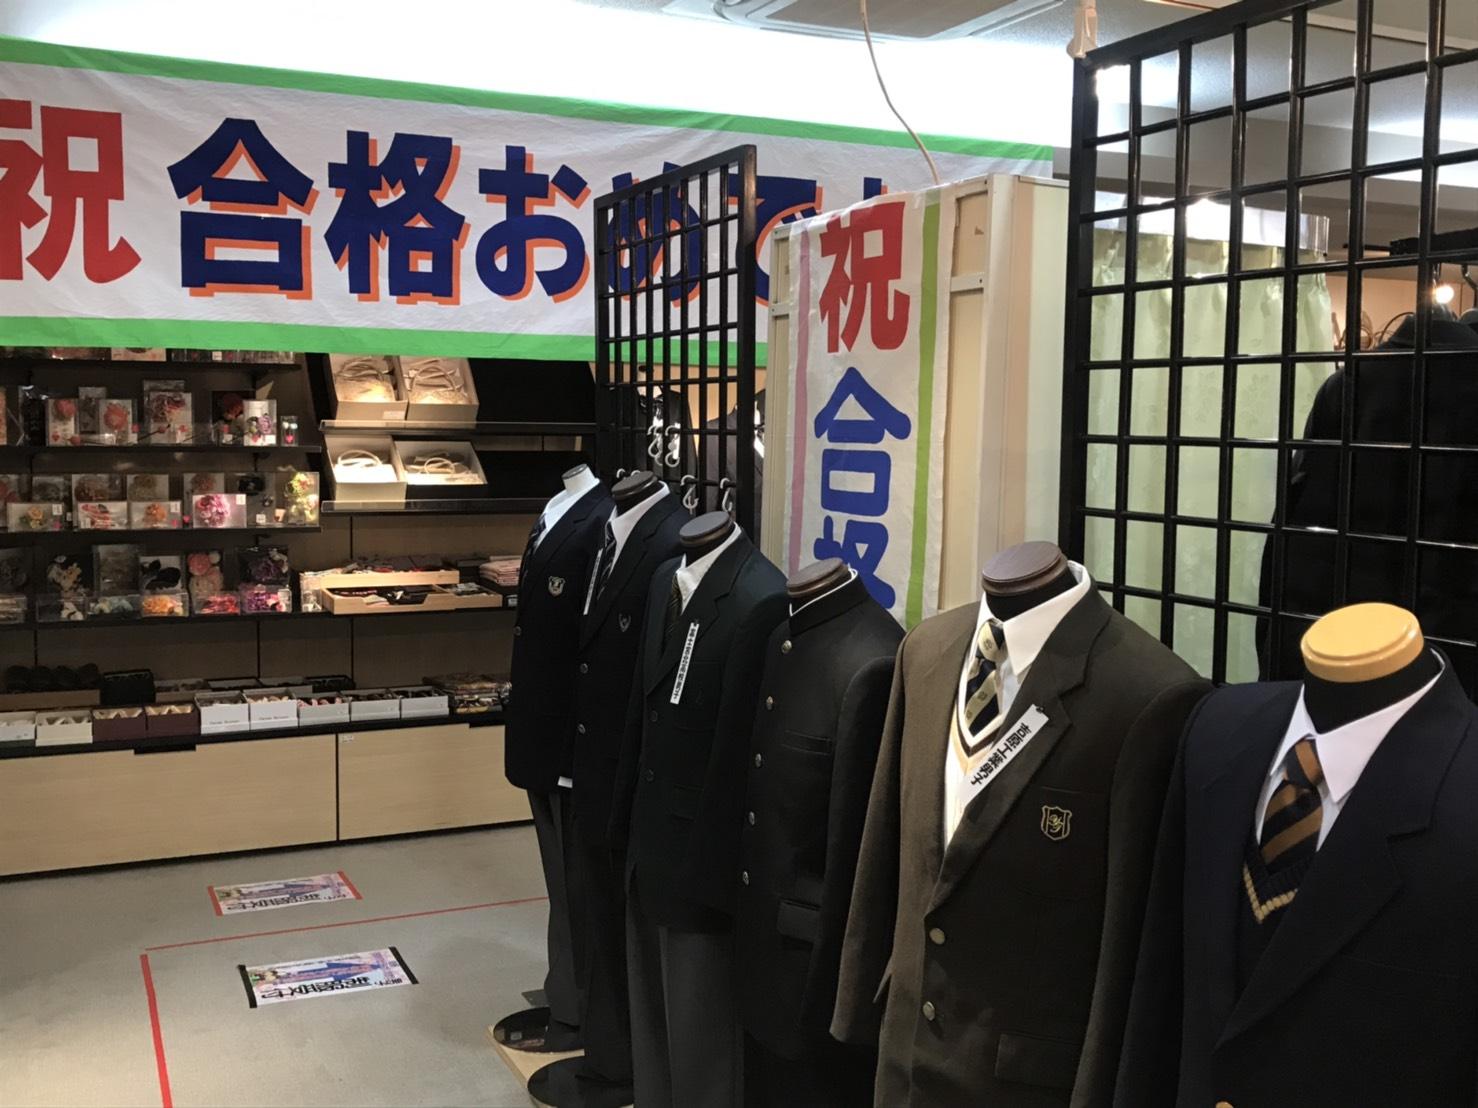 富士宮市・富士市の公立高等学校の学校制服の会場 完成しました